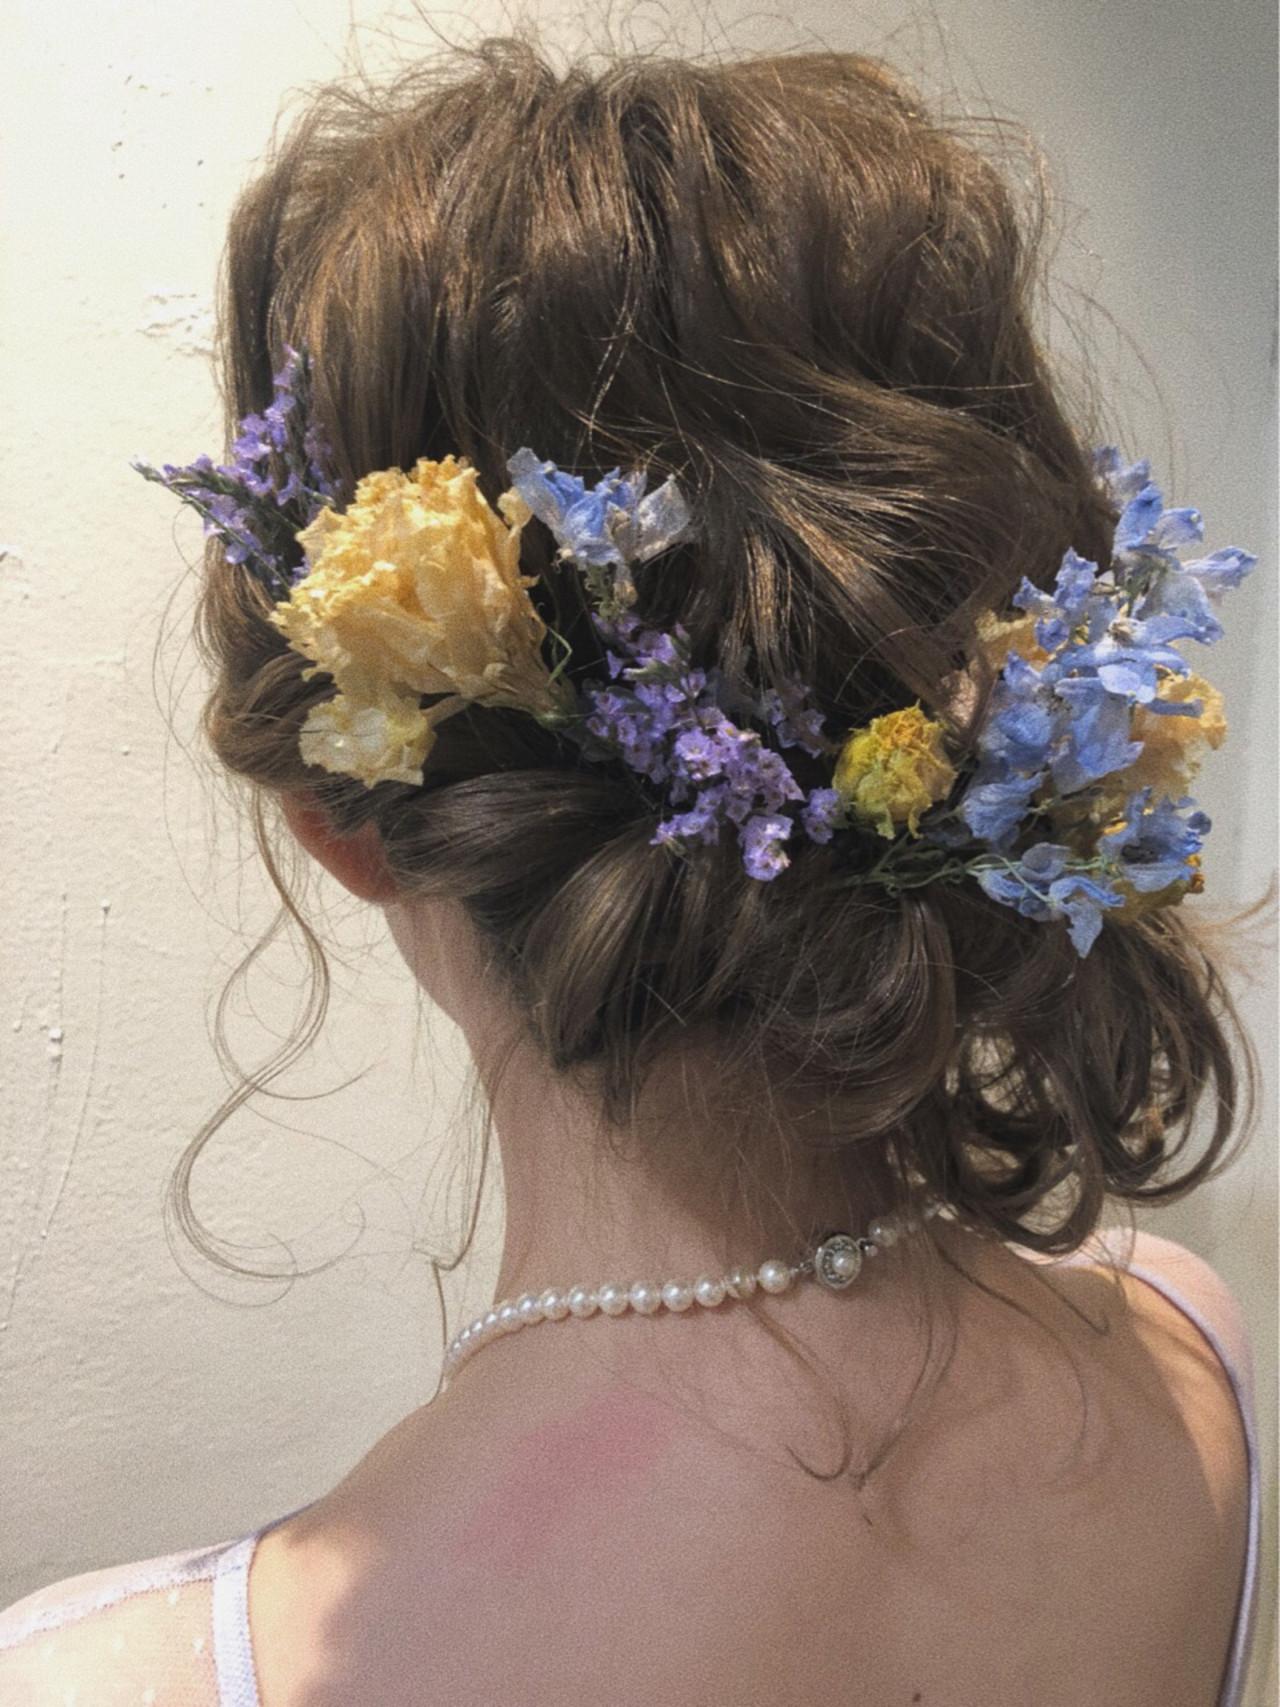 ガーリー ボブ ブライダル ヘアアレンジ ヘアスタイルや髪型の写真・画像 | 中川芽衣 / noi